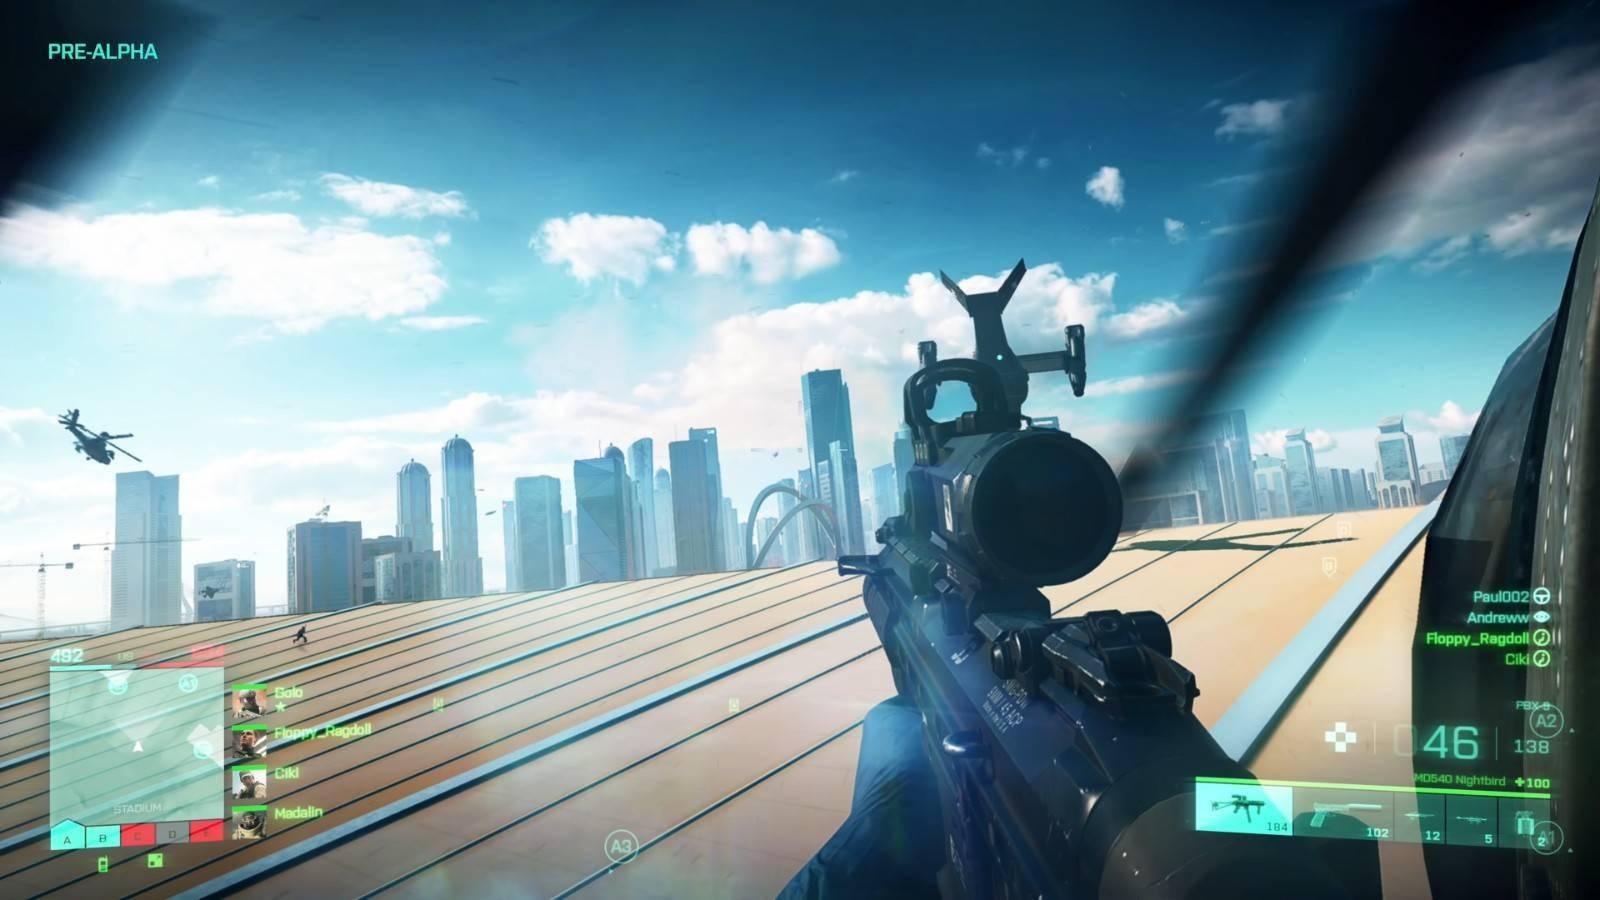 《战地2042》所有职业均可装备医药箱与弹药箱 可给队友治疗或补给弹药